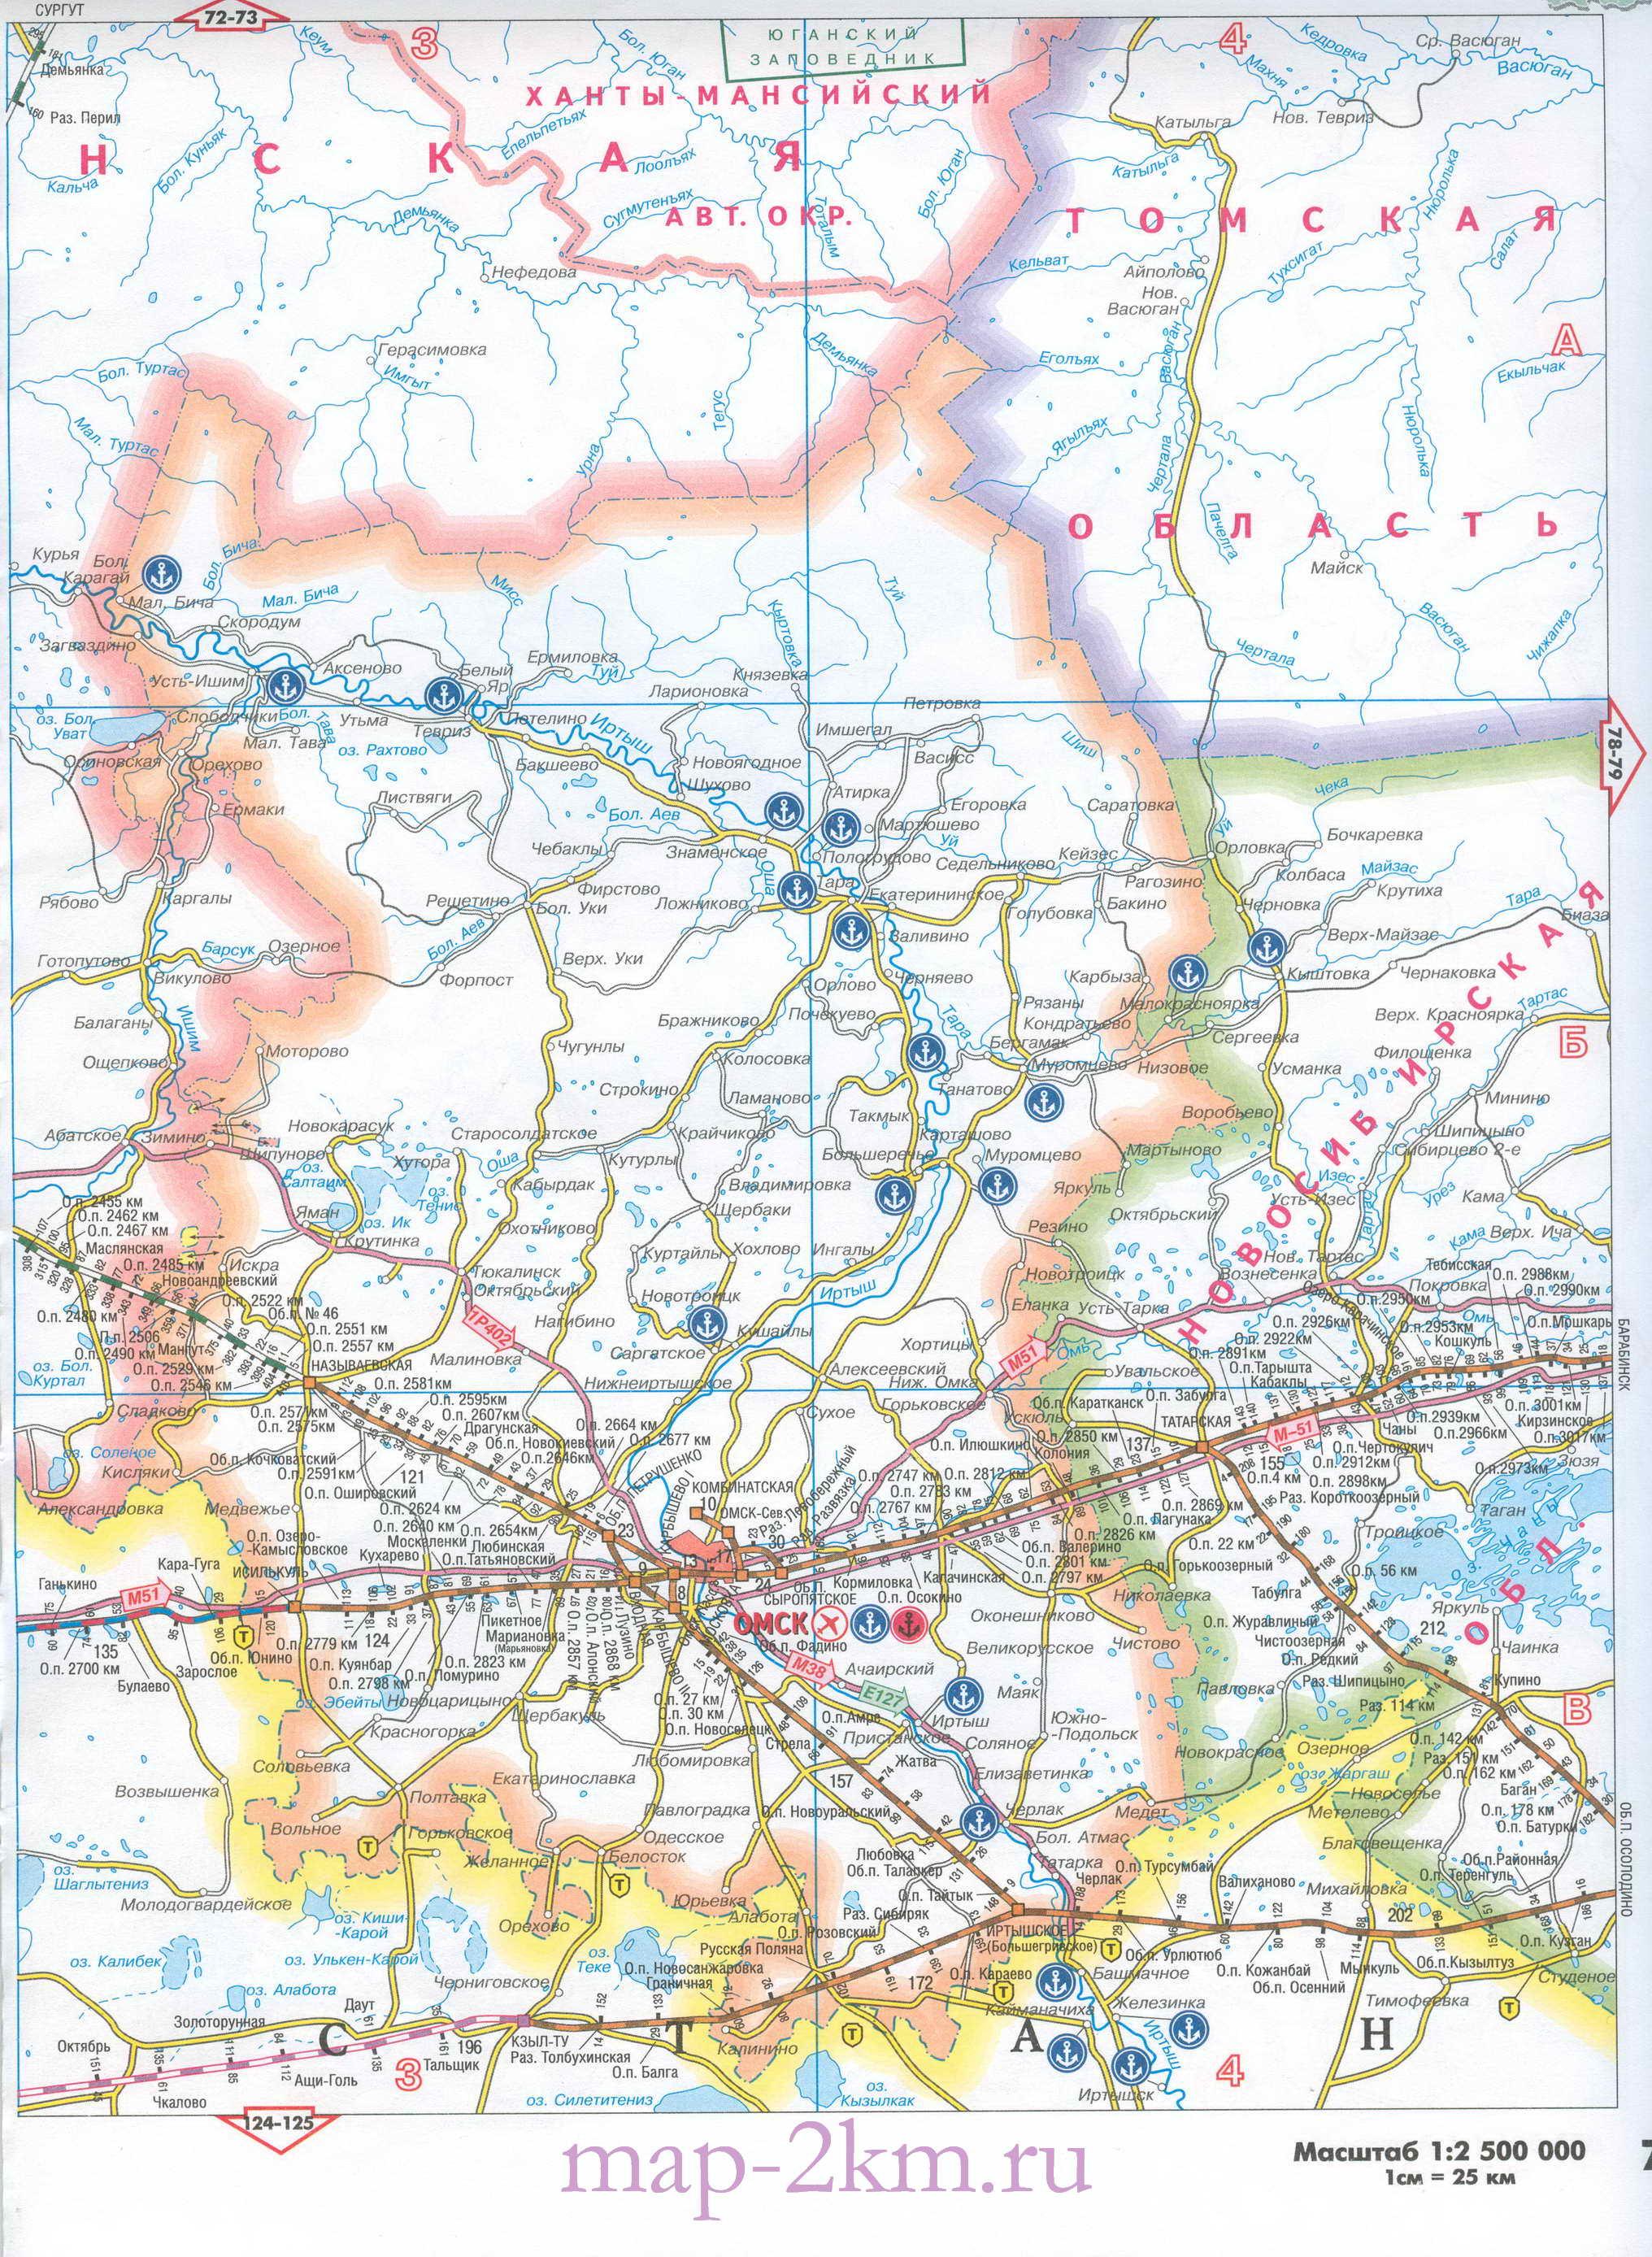 Скачать карту схему метро москвы - b0b3c